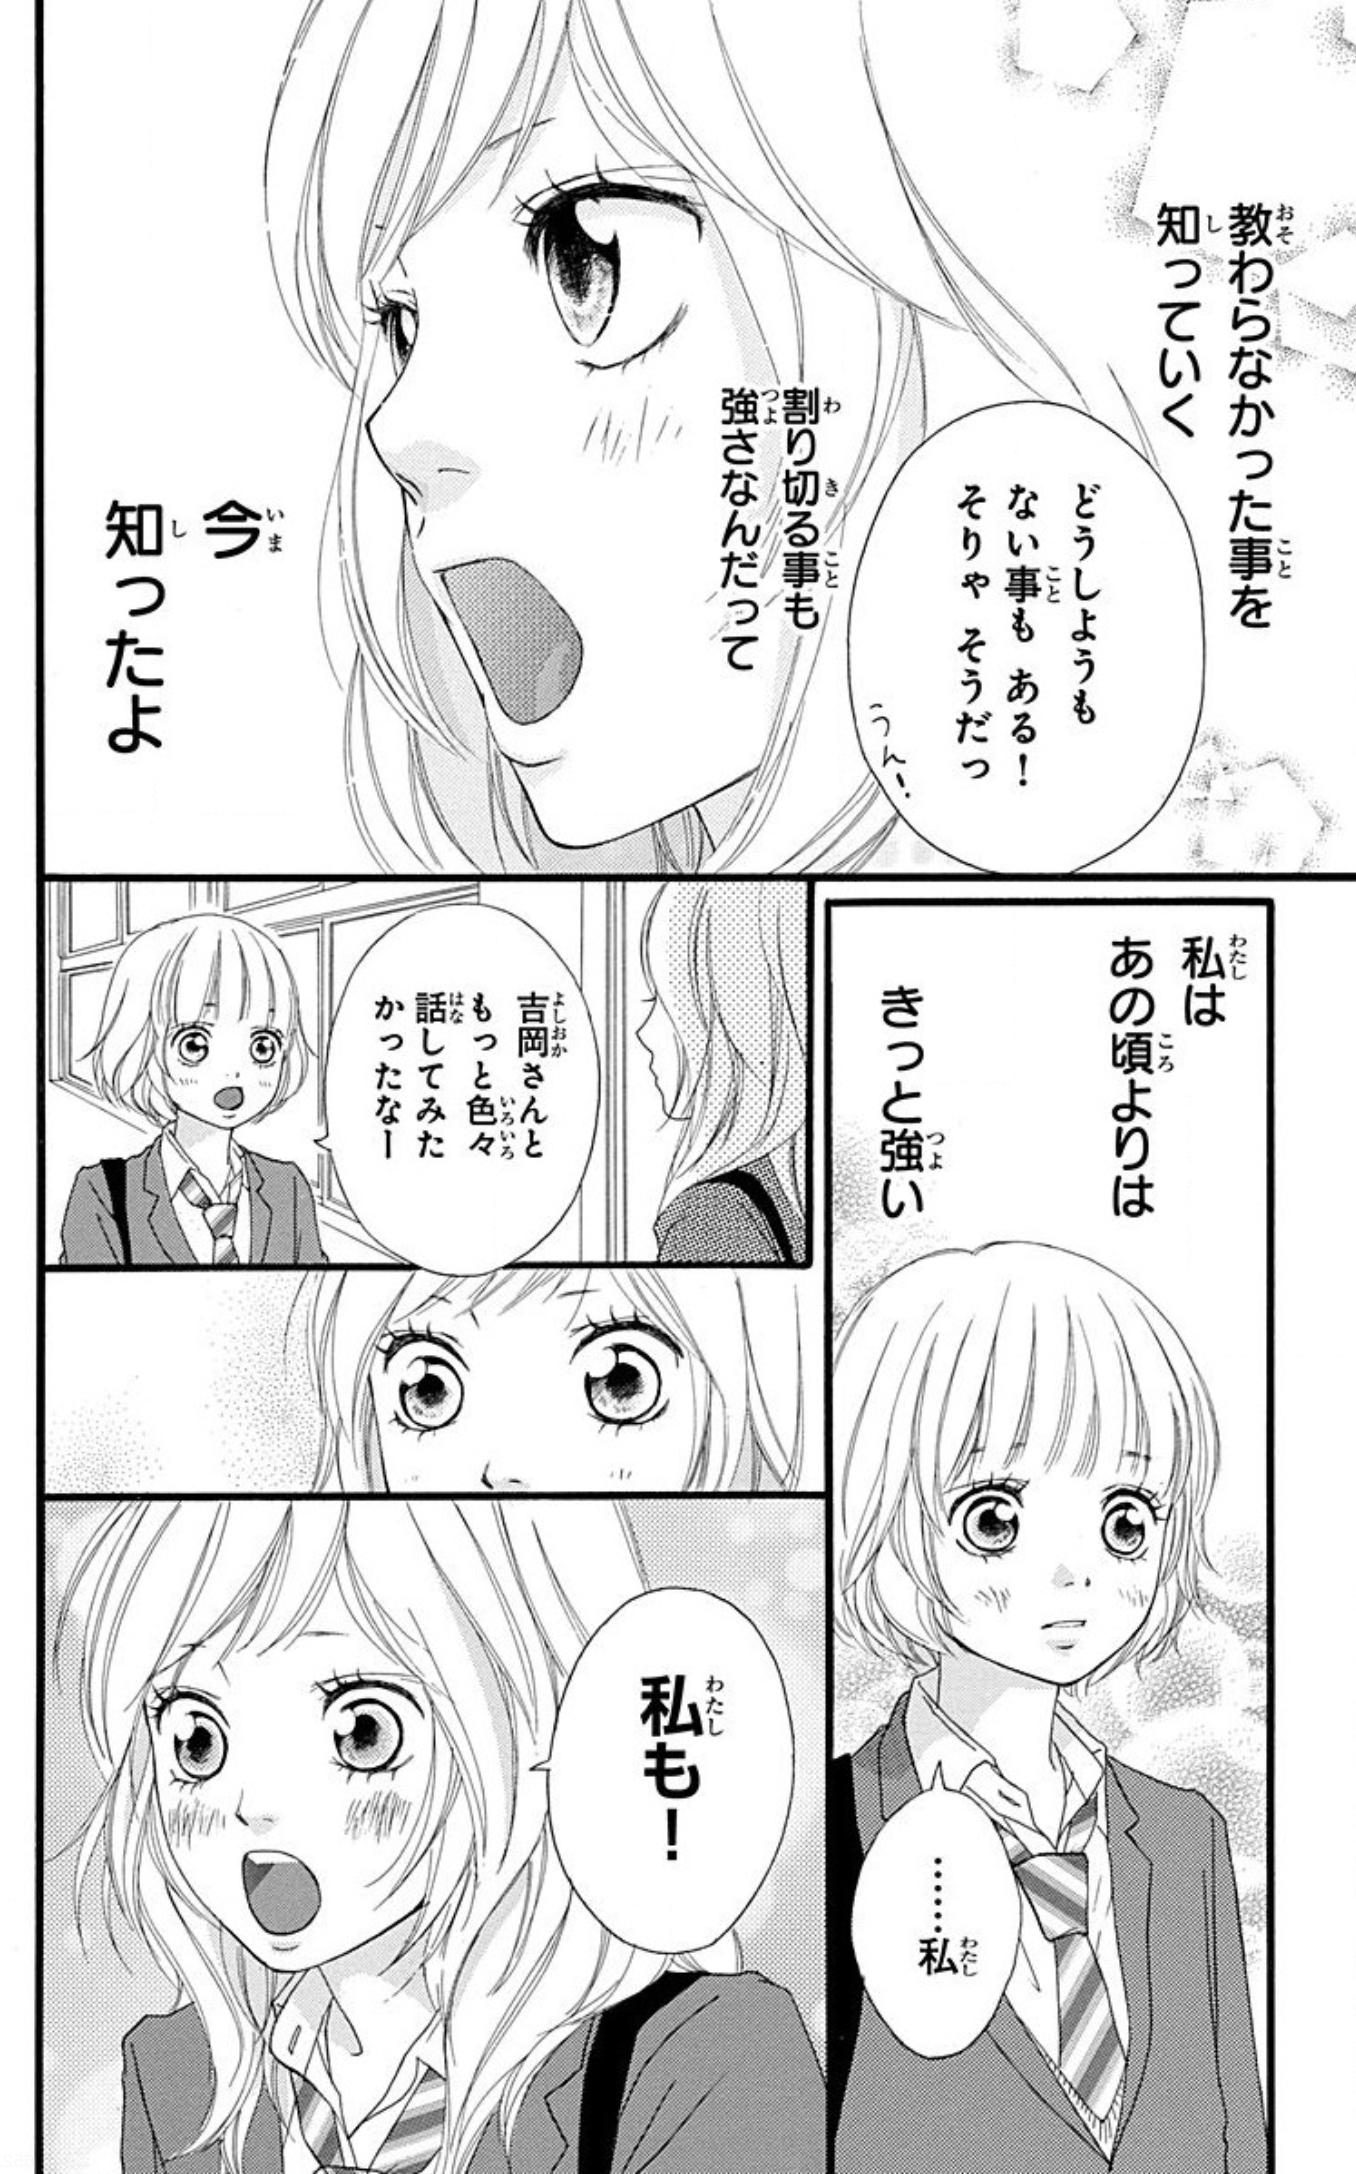 漫画『アオハライド』の見所をネタバレ紹介!恋愛だけじゃない!胸を熱くする友情